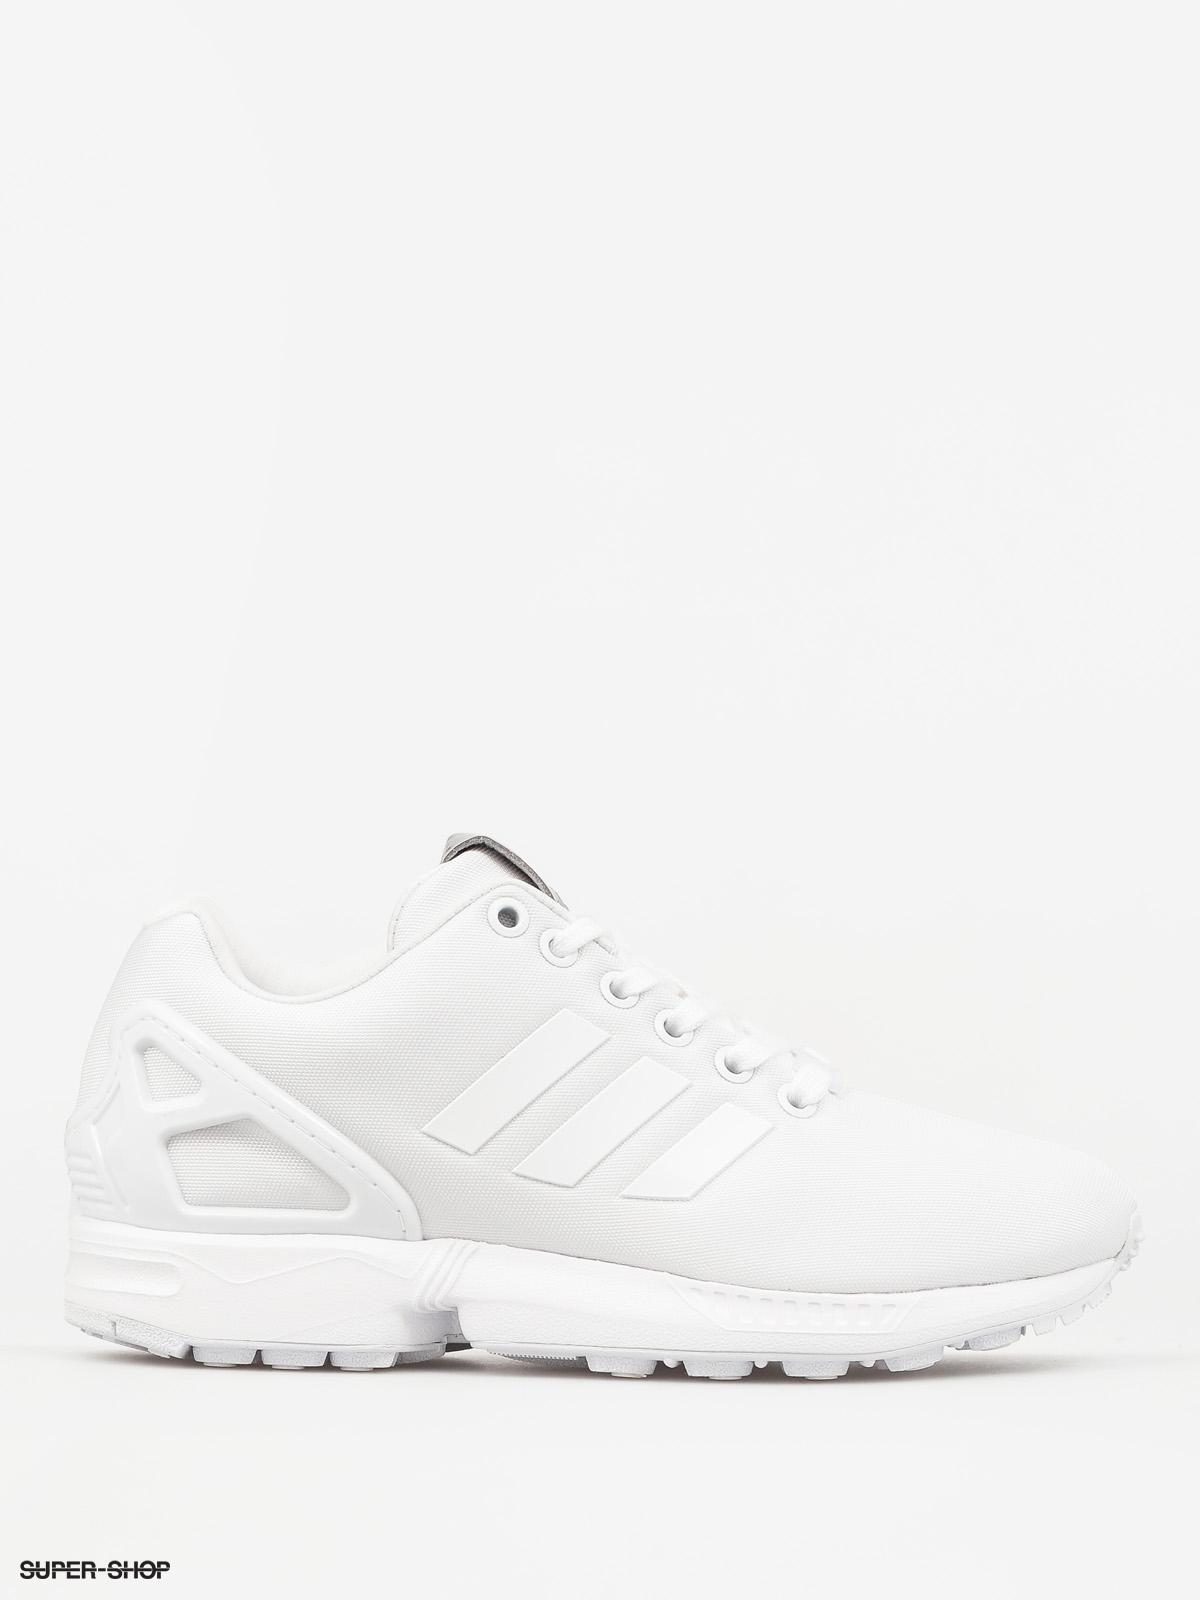 1200x1600 Shoes Zx Flux Wmn (Ftwwhtftwwhtftwwht)